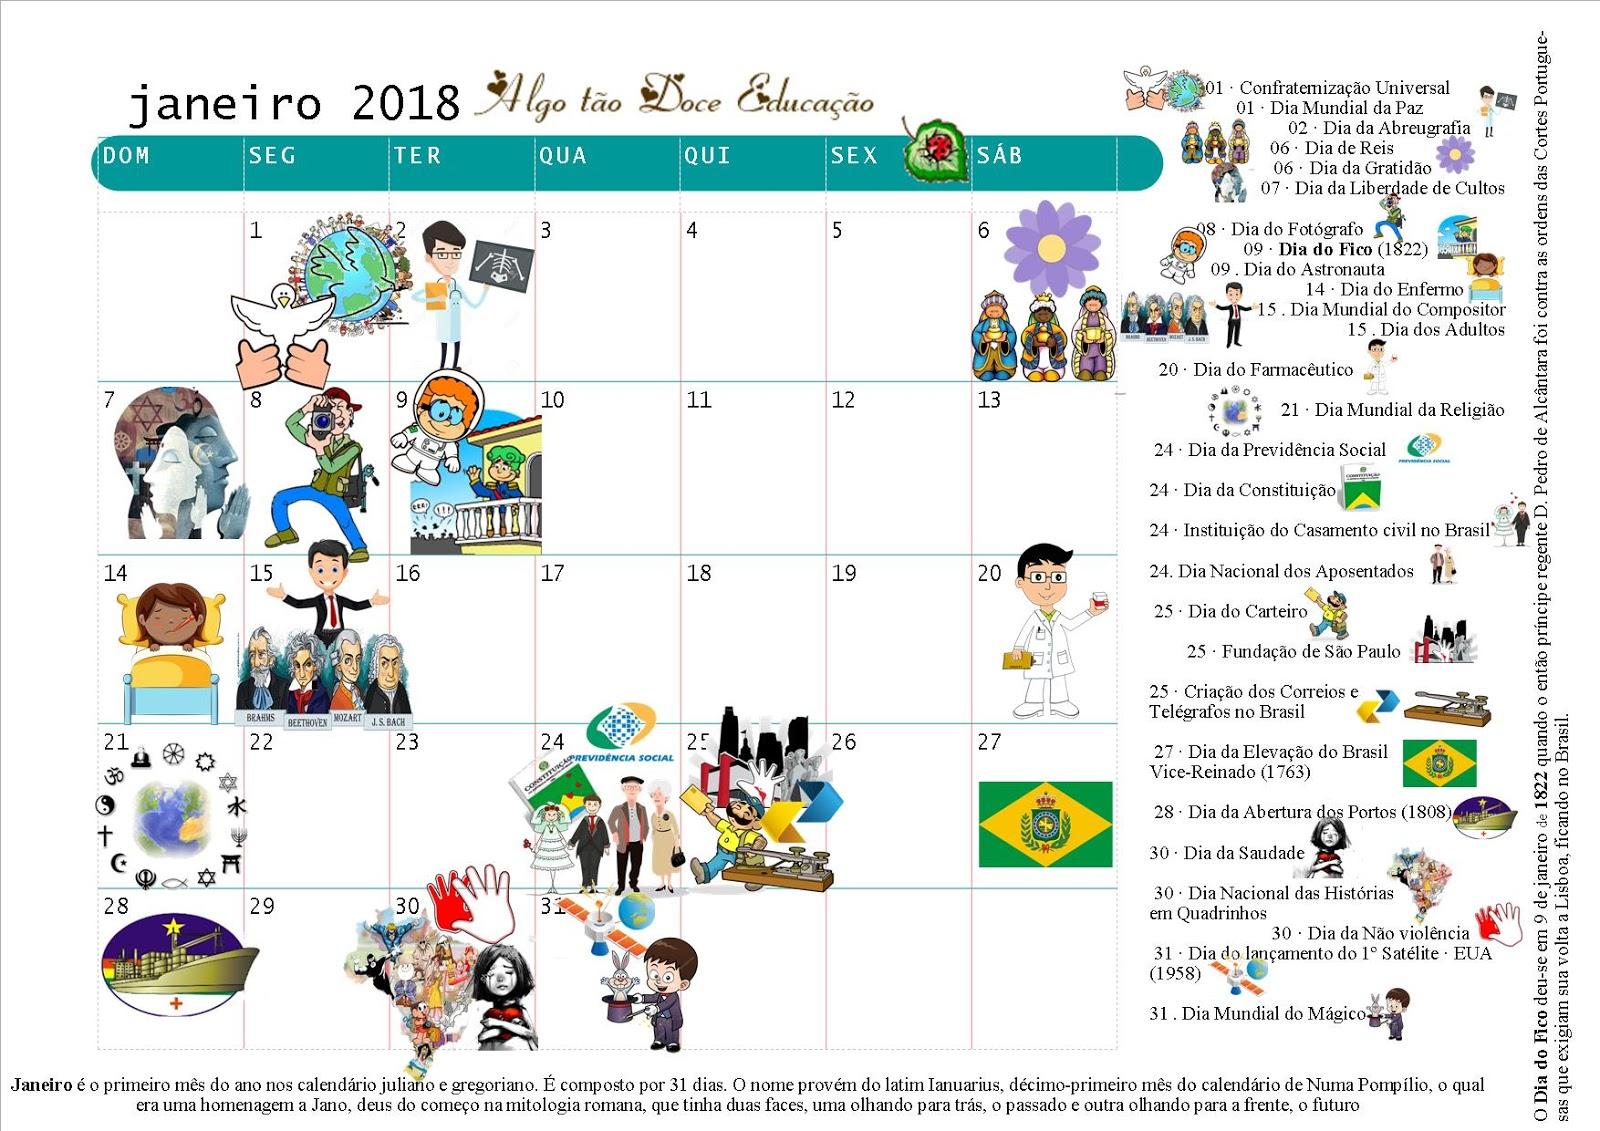 Conhecido ♥Algo Tão Doce Educação♥: Datas comemorativas Janeiro 2018 IM33